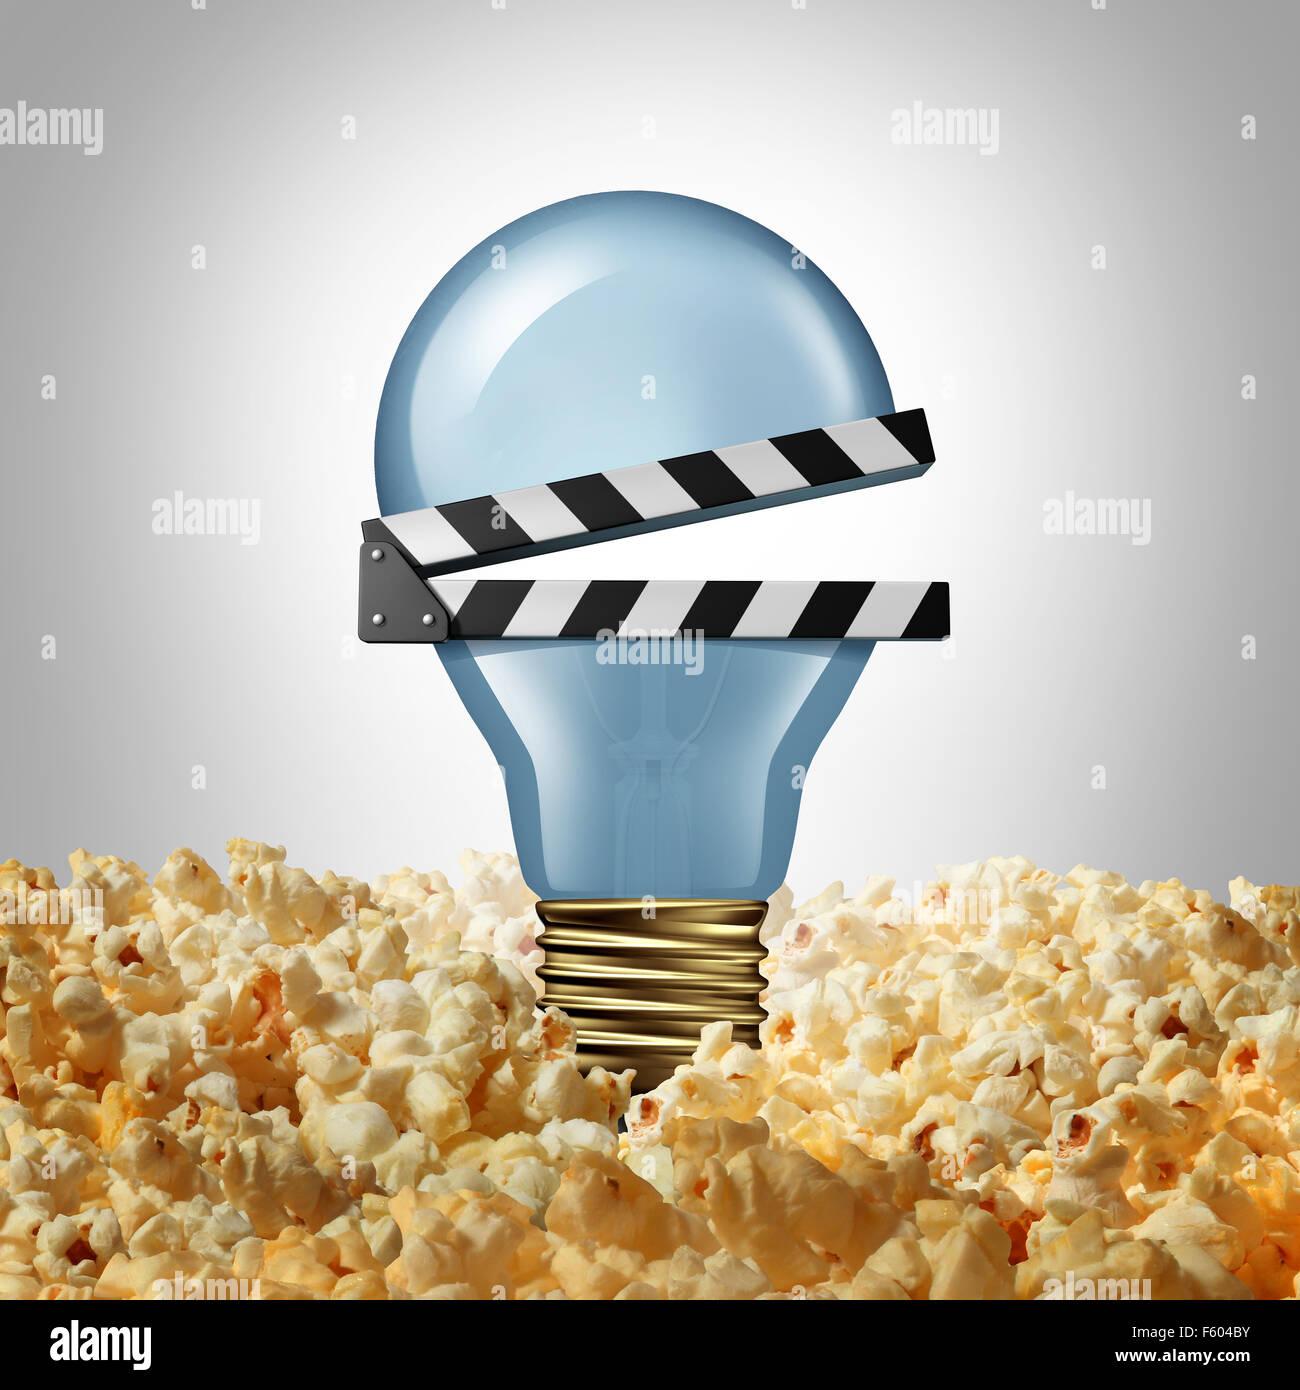 Film Idee Konzept und Kino Kreativität Symbol als eine Glühlampe oder Glühbirne in Popcorn als eine Stockbild